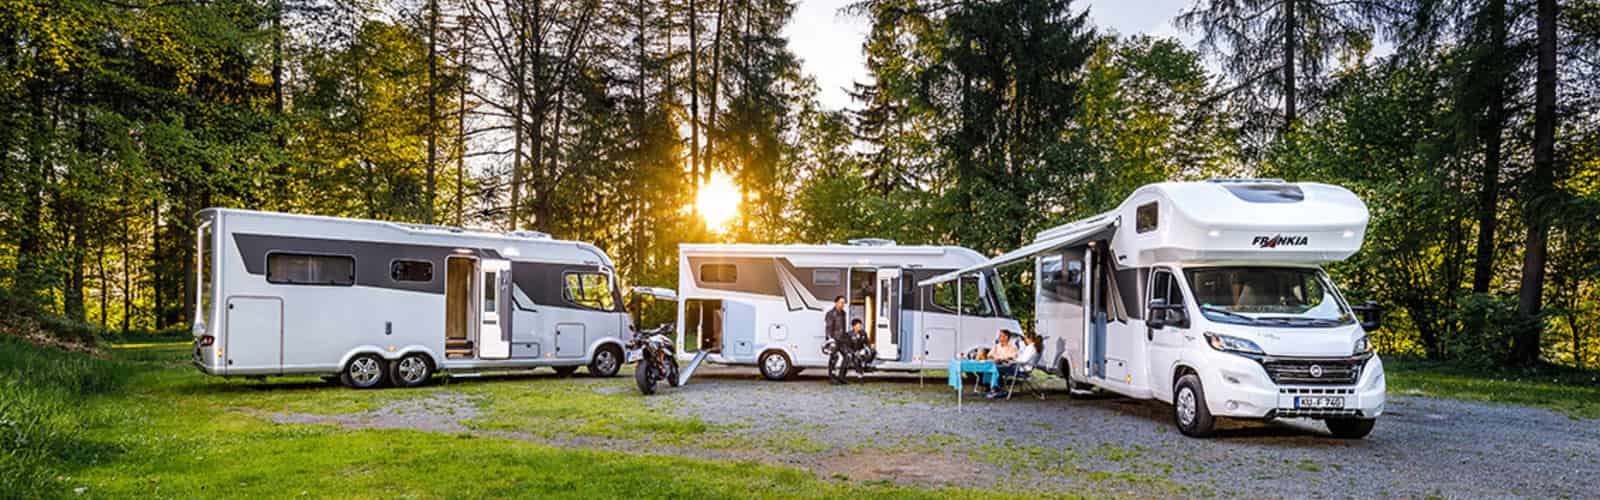 Startseite caravan wiedemann wohnmobil h ndler for Wohnmobil innendesign